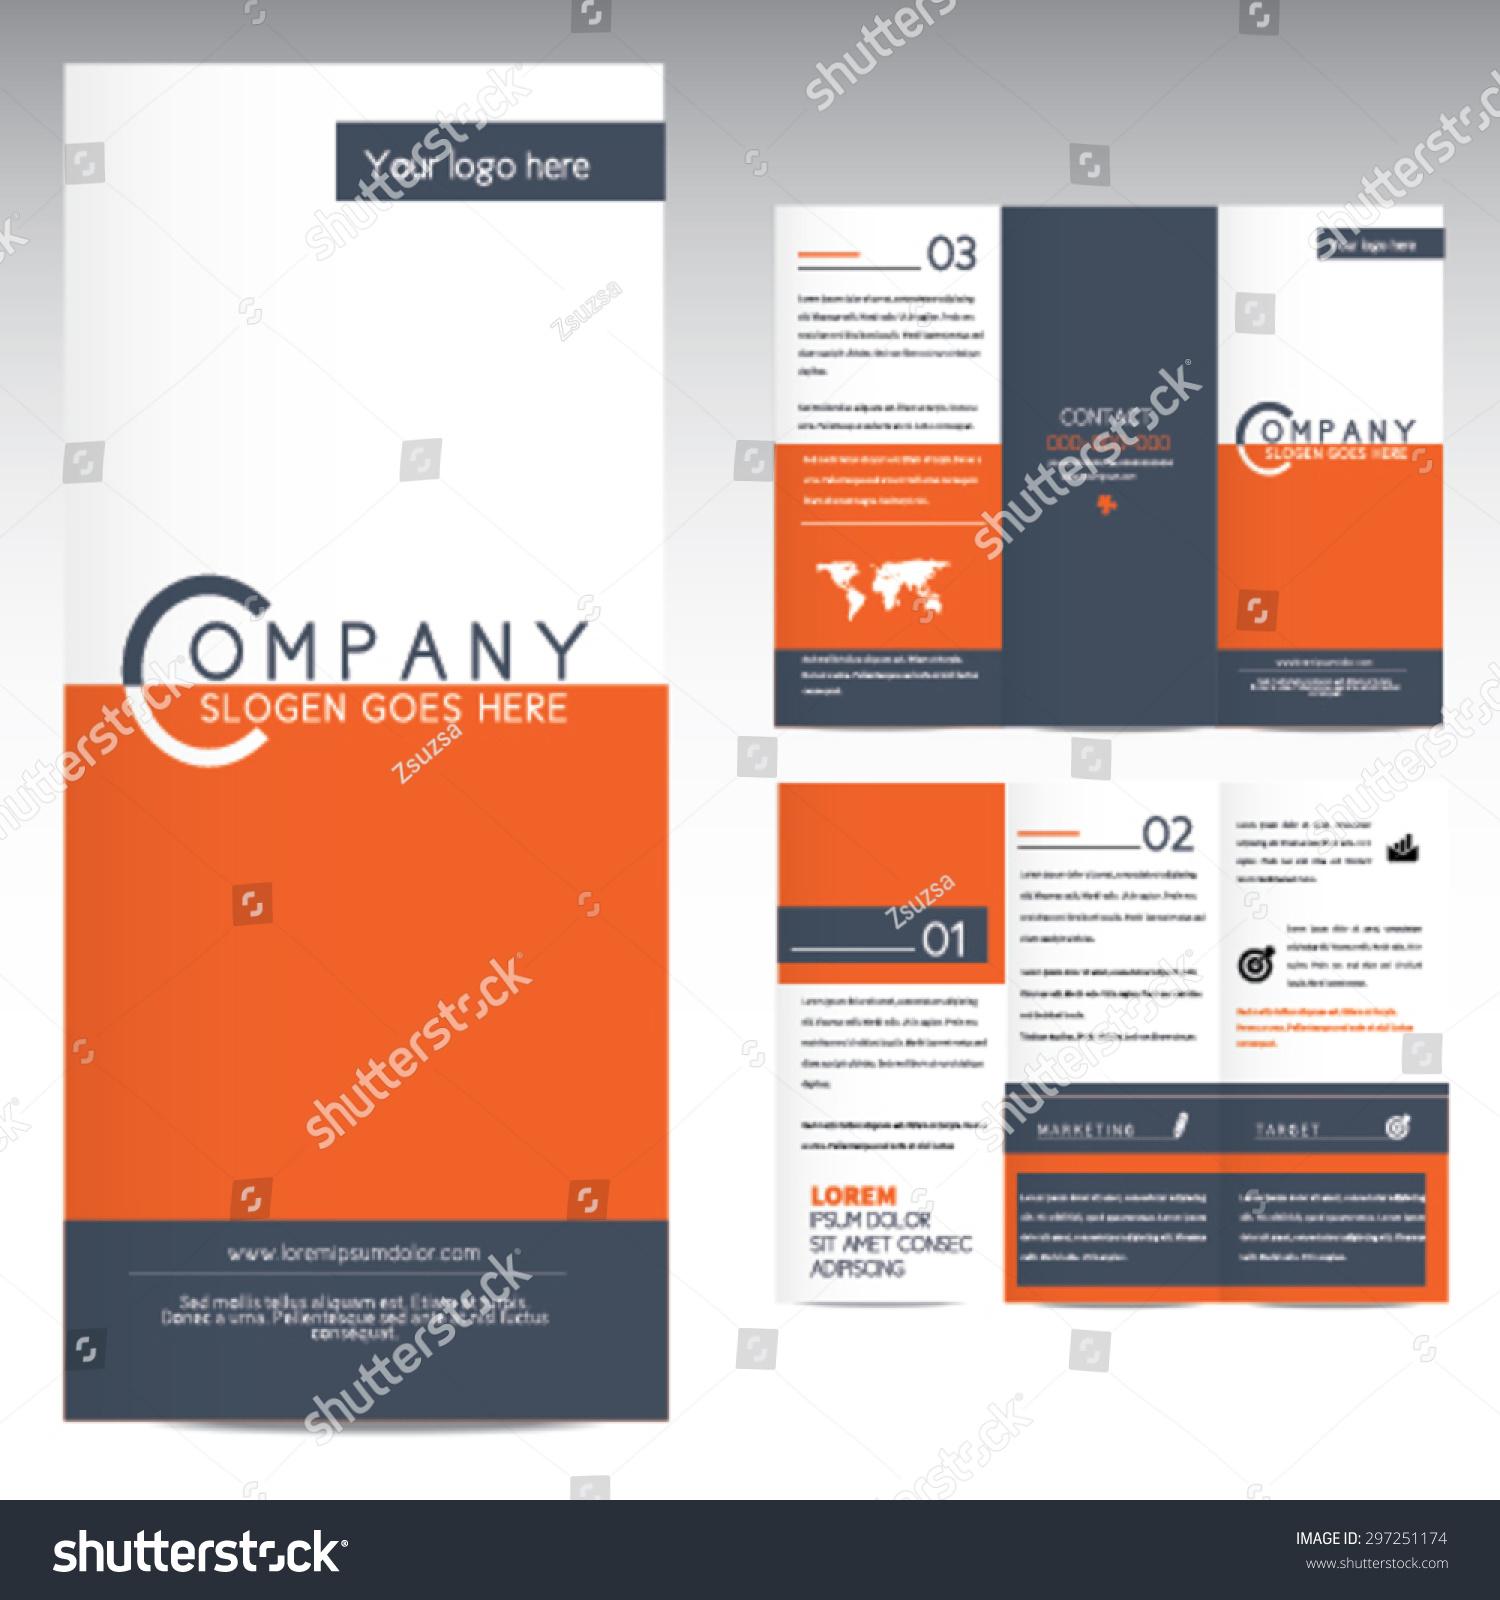 trifold brochure template のベクター画像素材 ロイヤリティフリー